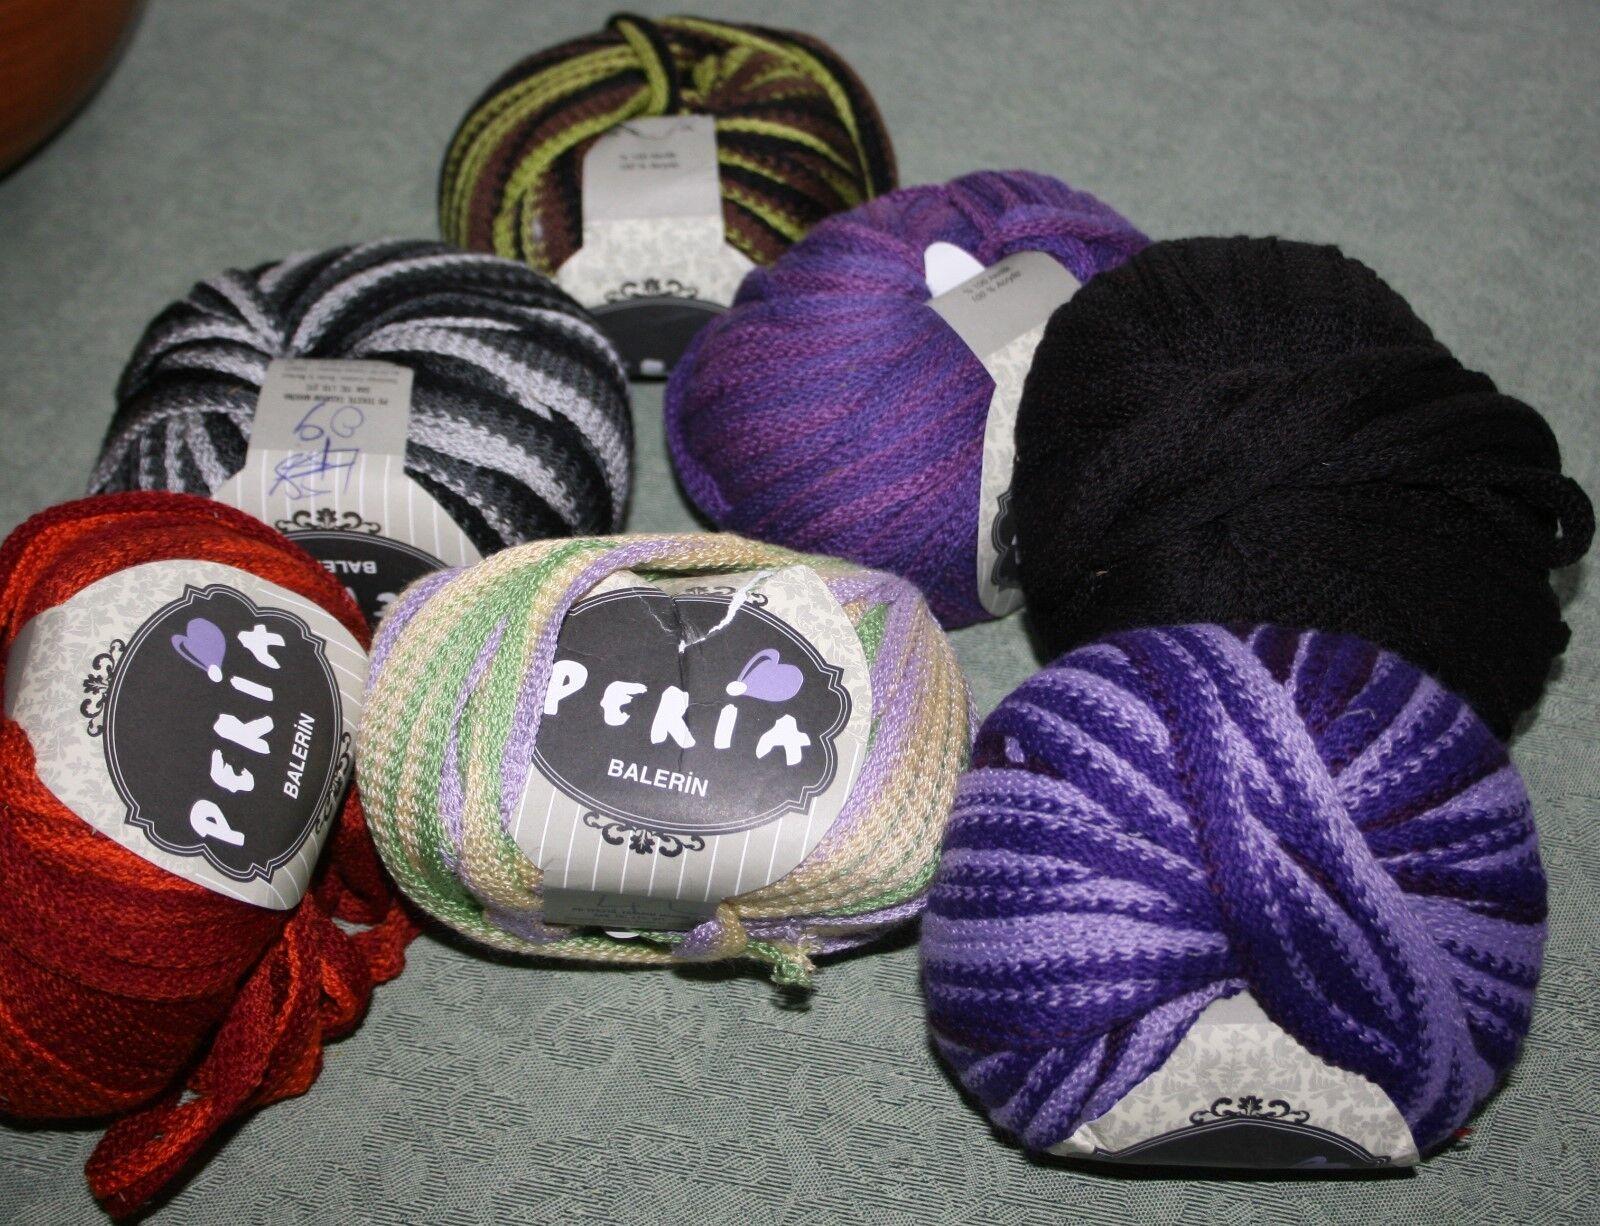 King Cole Krystal Scarf Knitting Yarn 617 Champagne per 100 gram ball